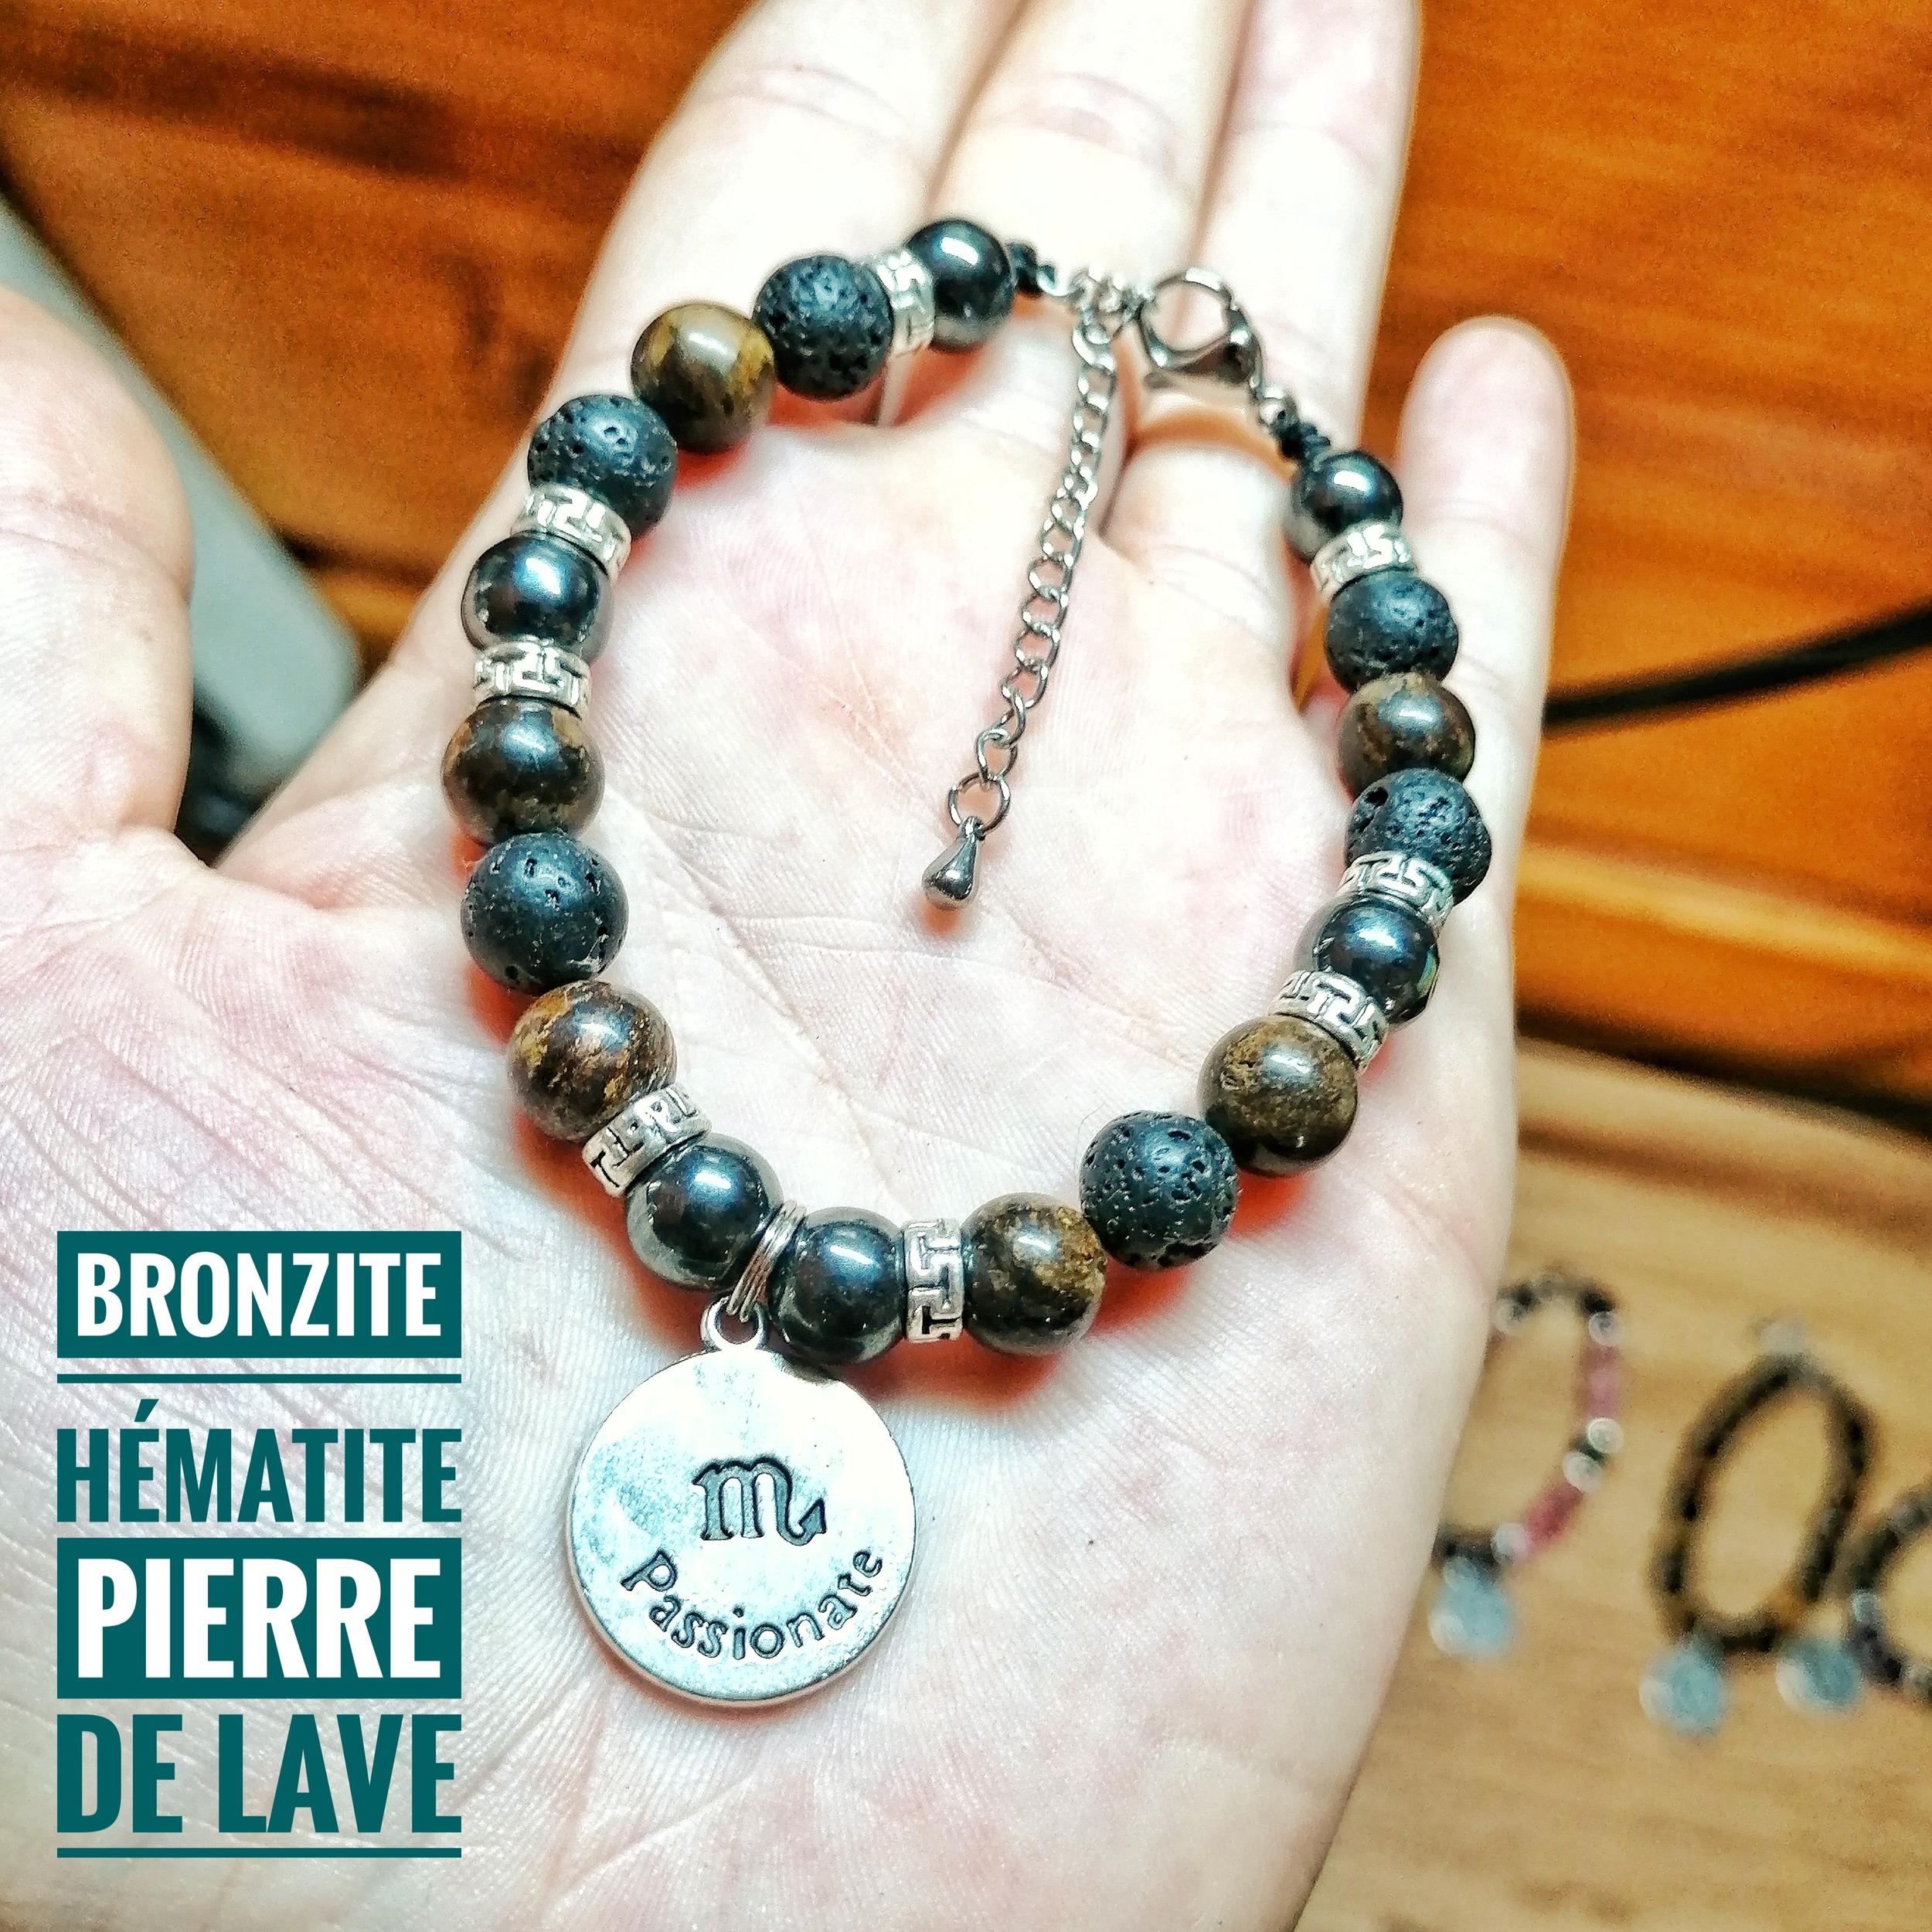 Bracelet spécial Scorpion ♏ en Bronzite, Pierre de lave & Hématite